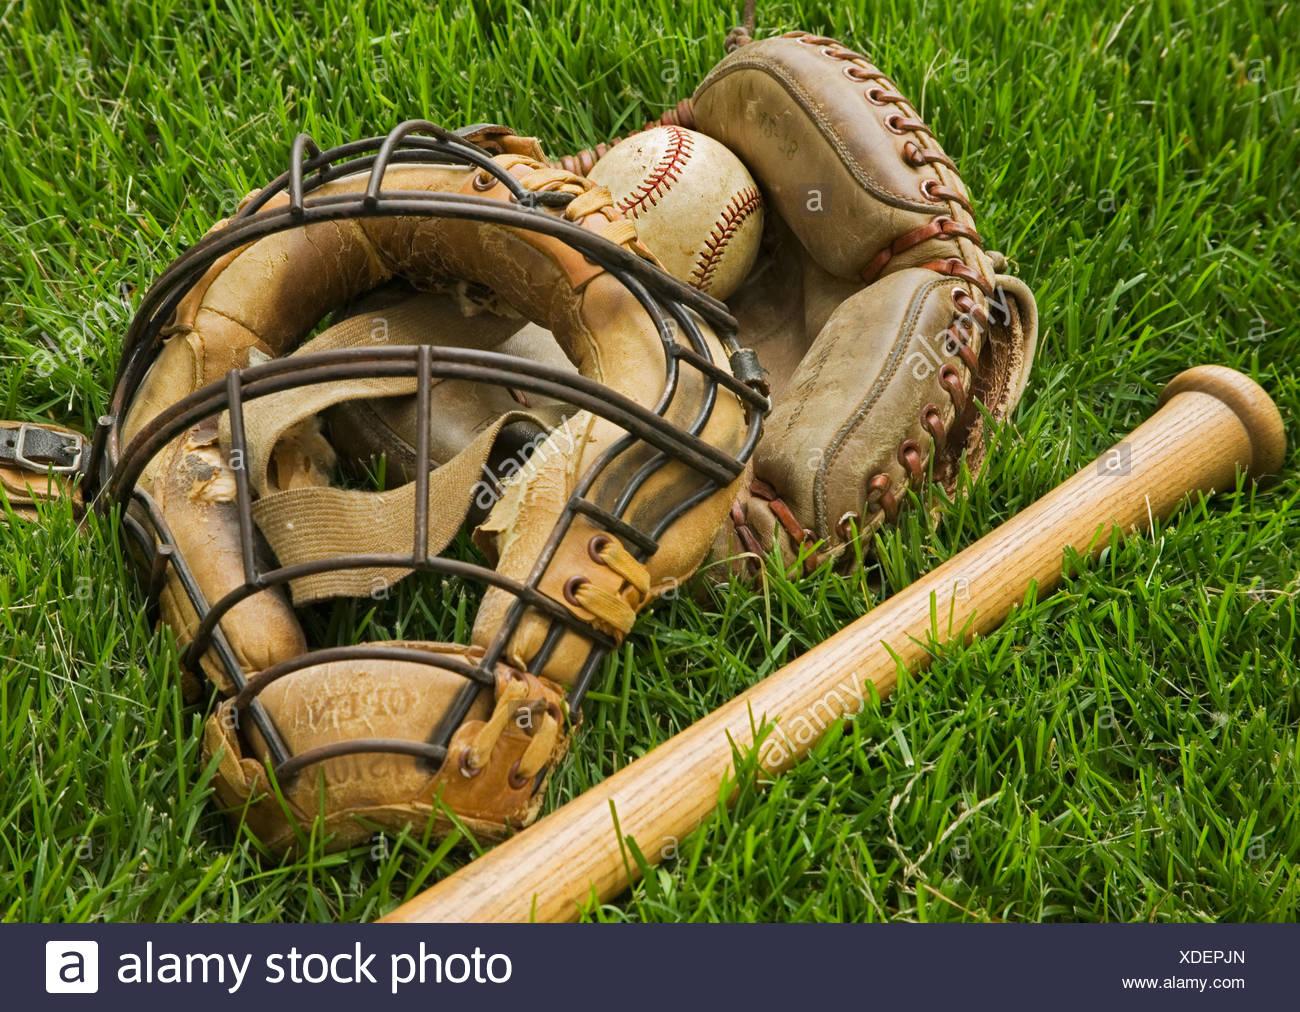 Los equipos de béisbol a la antigua usanza en hierba Imagen De Stock